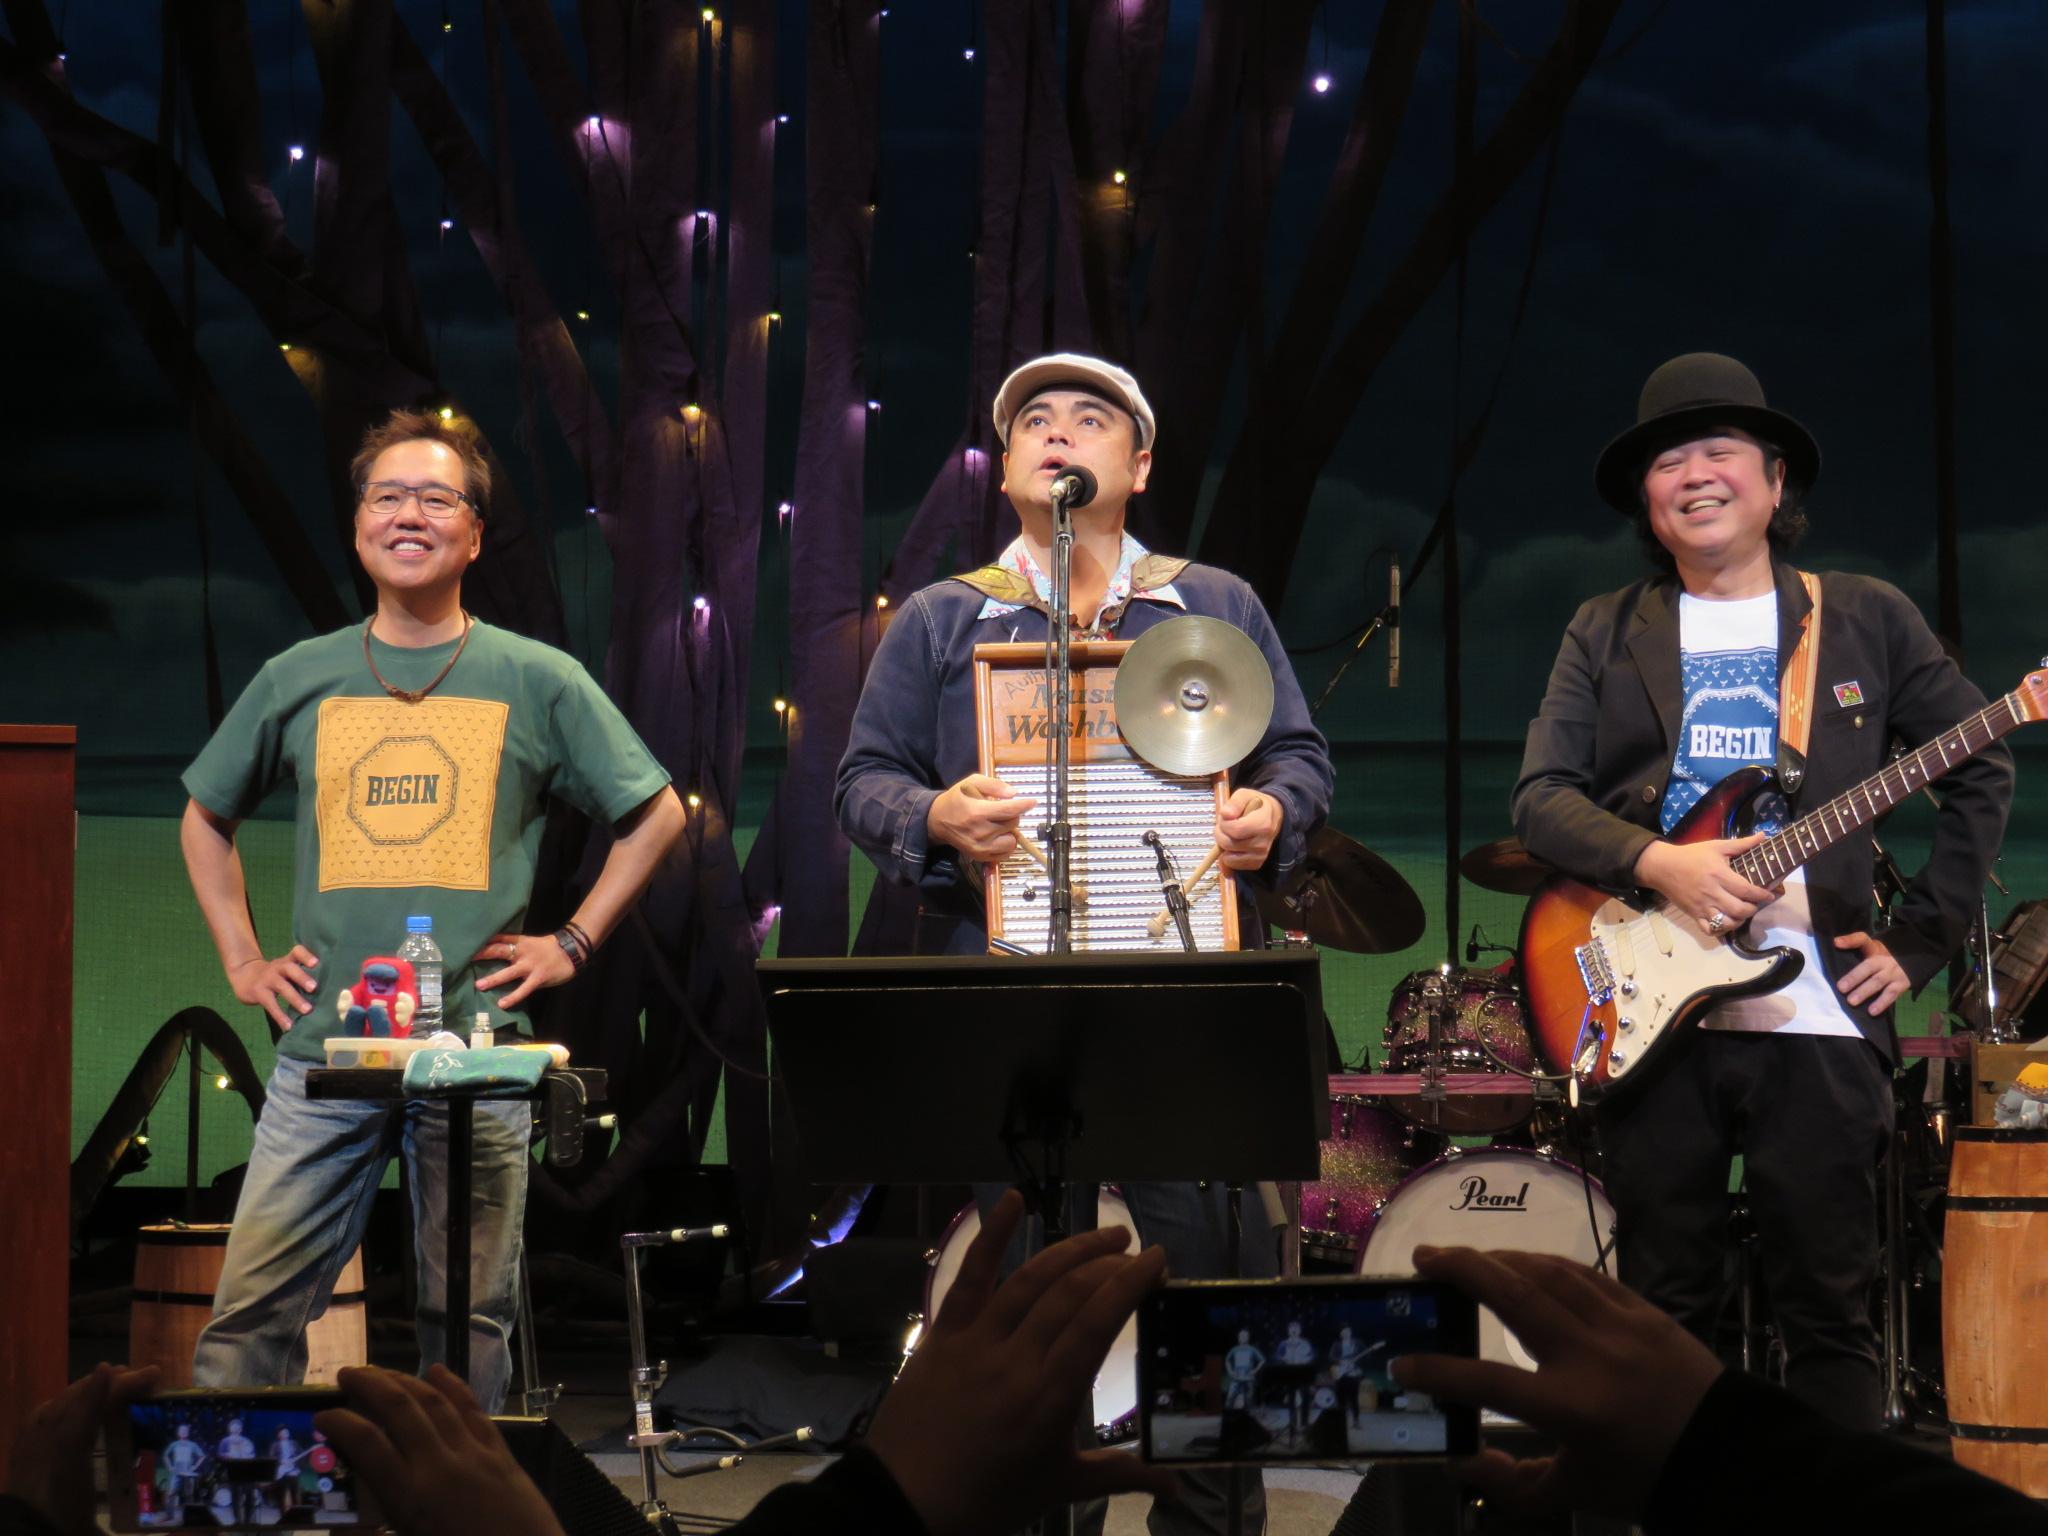 BEGIN30周年記念アコースティックライブ~IN石垣島星の海プラネタリウム